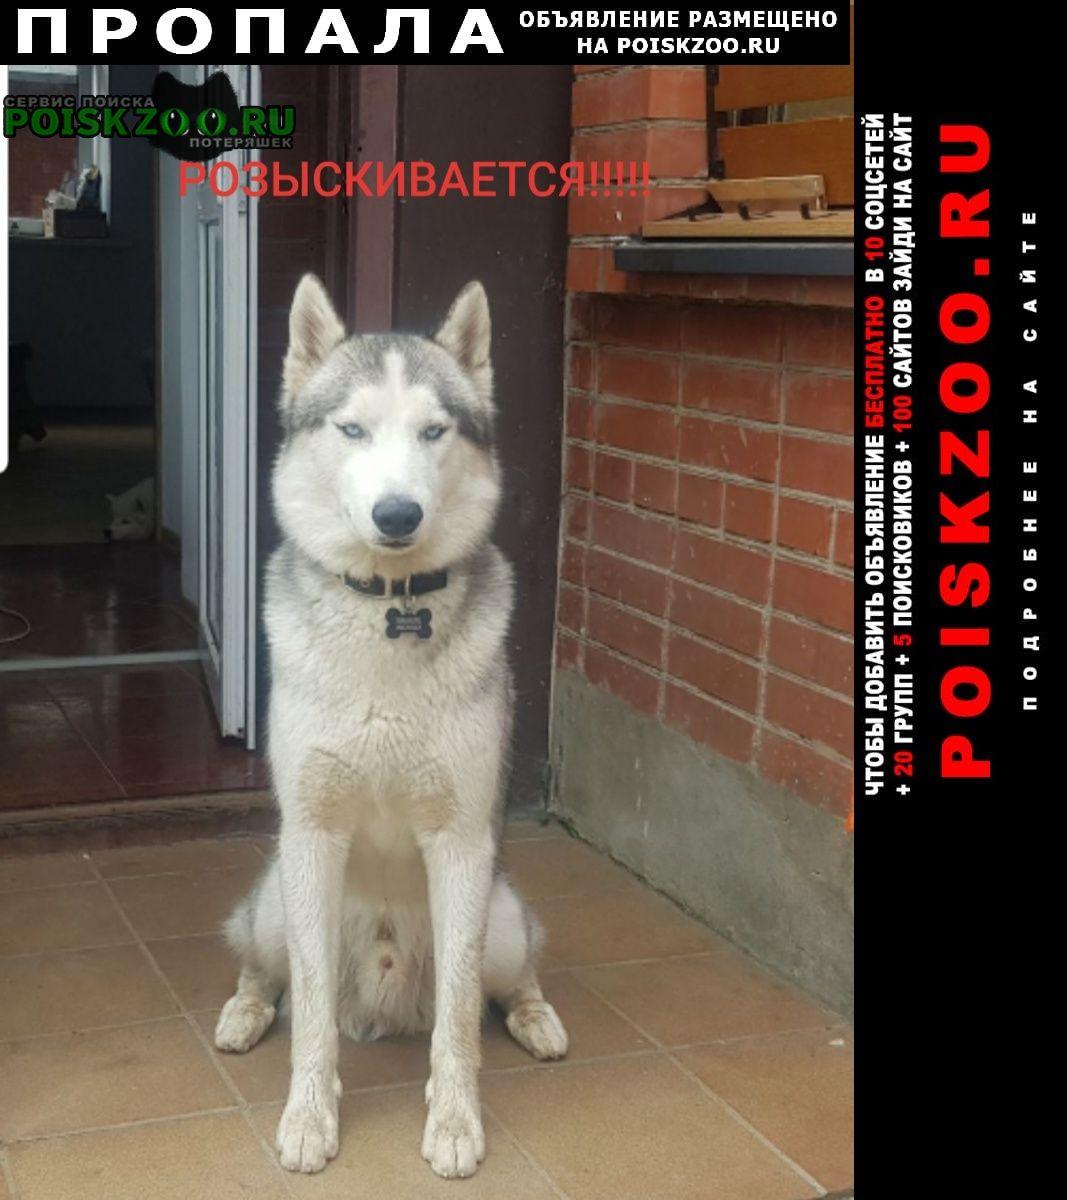 Пропала собака красавец хаски, плюшевый волчонок Одинцово